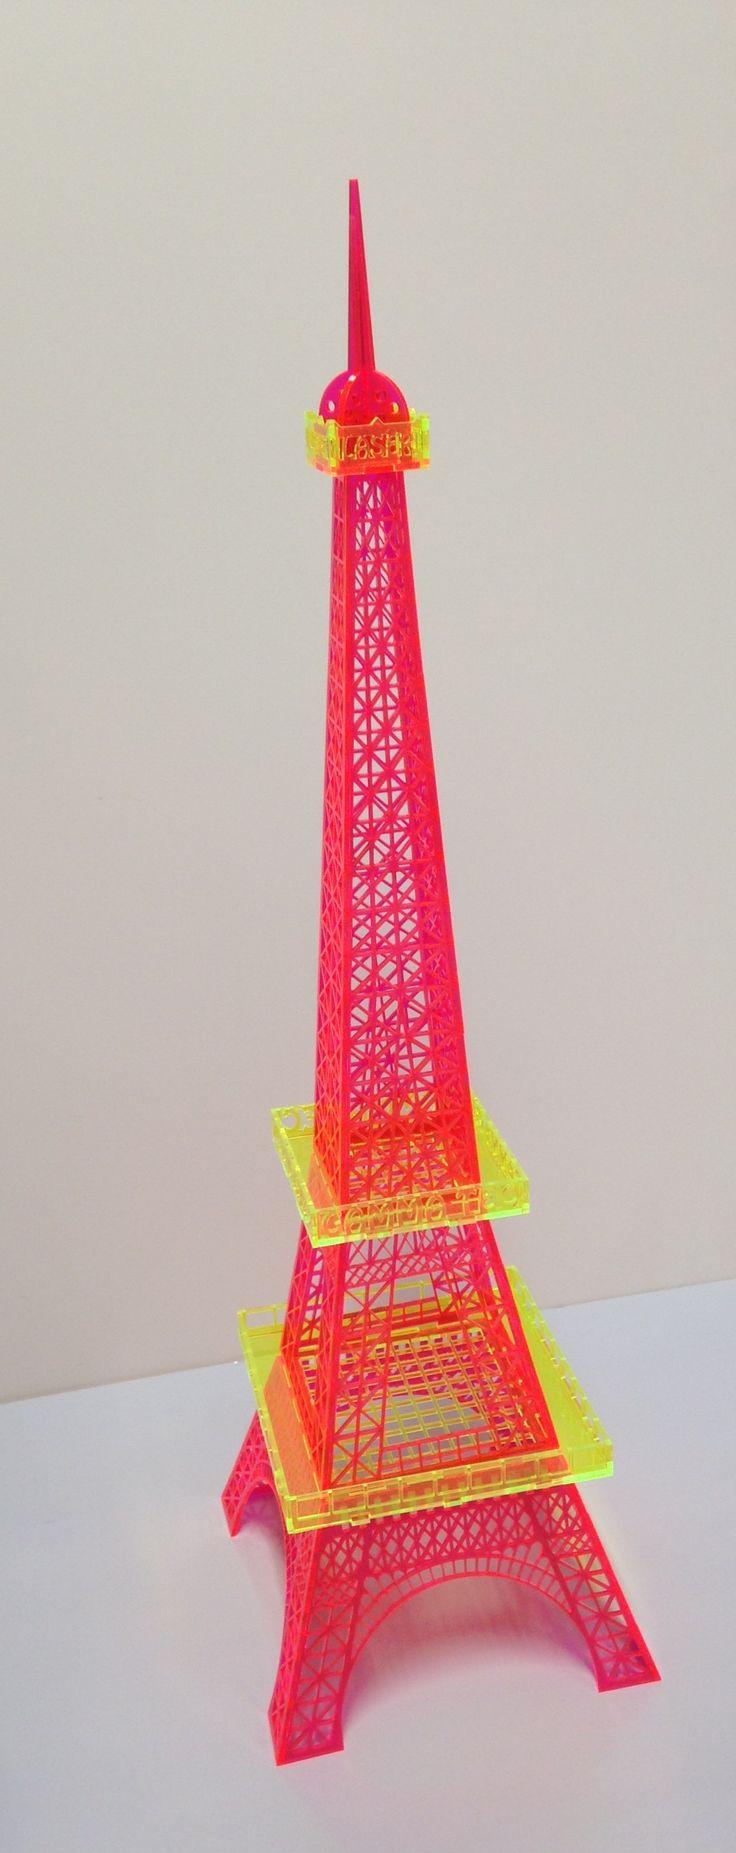 Tour Eiffel en ColorHues La découpe au laser CO2 donne un aspec poli et brillants aux chants. Avec les machines EPILOG votre déco sera sublimée